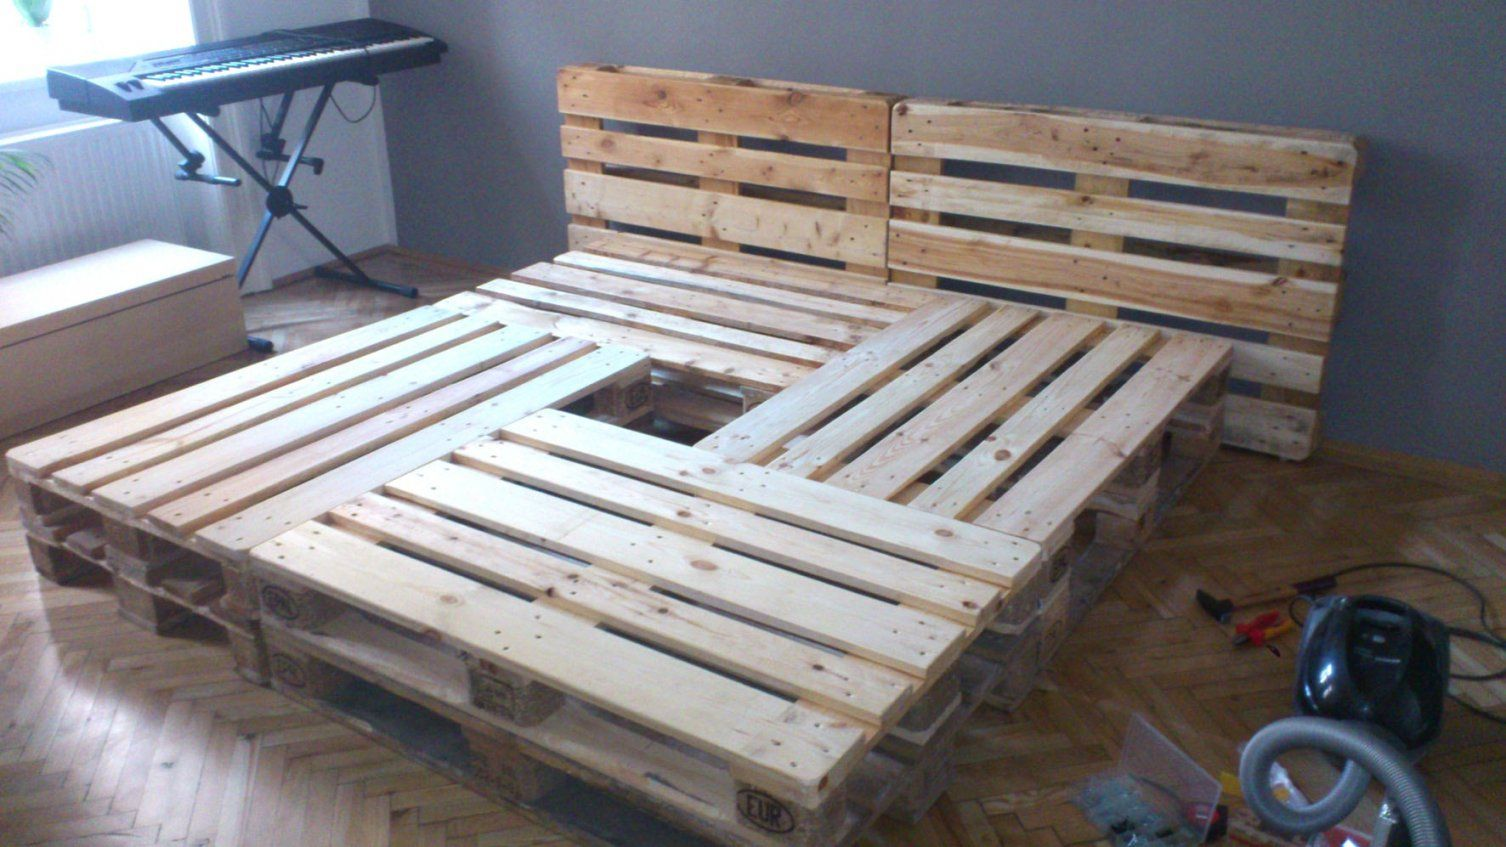 Bezaubernde Inspiration Europaletten Bett Selber Bauen Und Avec von Bett Aus Paletten Bauen 180X200 Photo